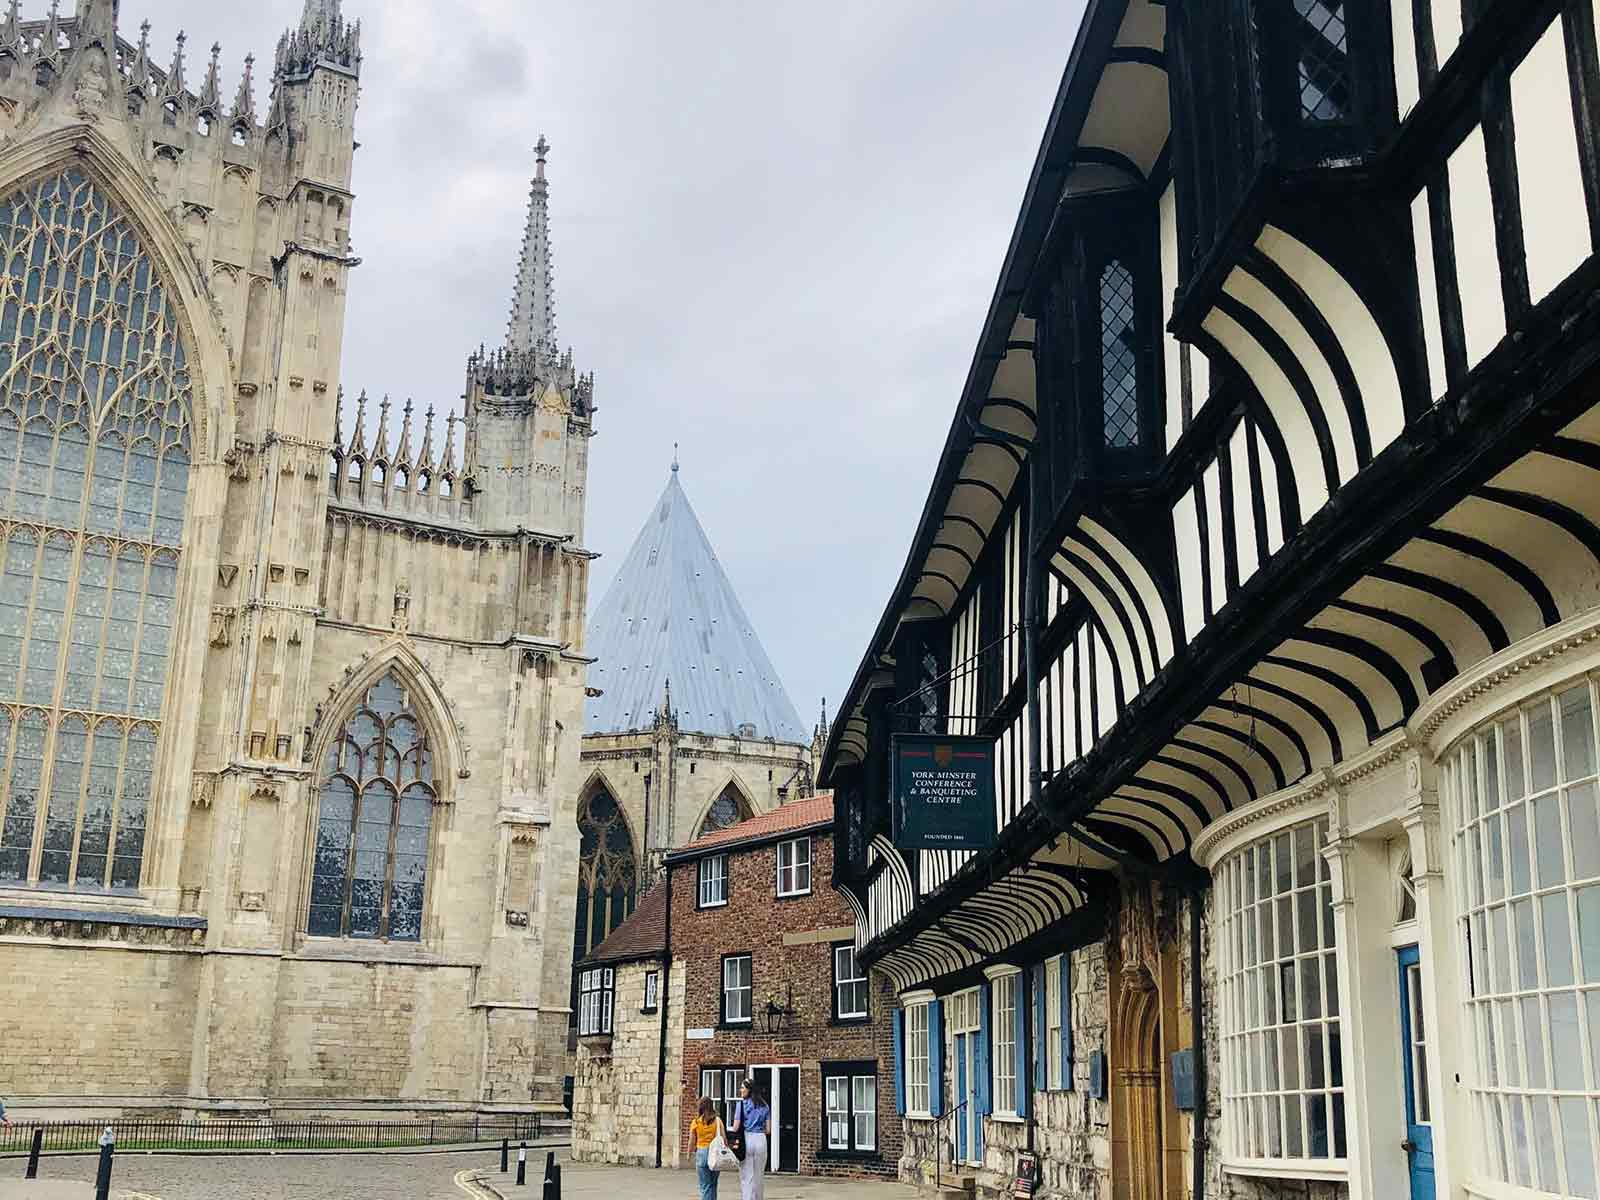 high angle shot of York Minster